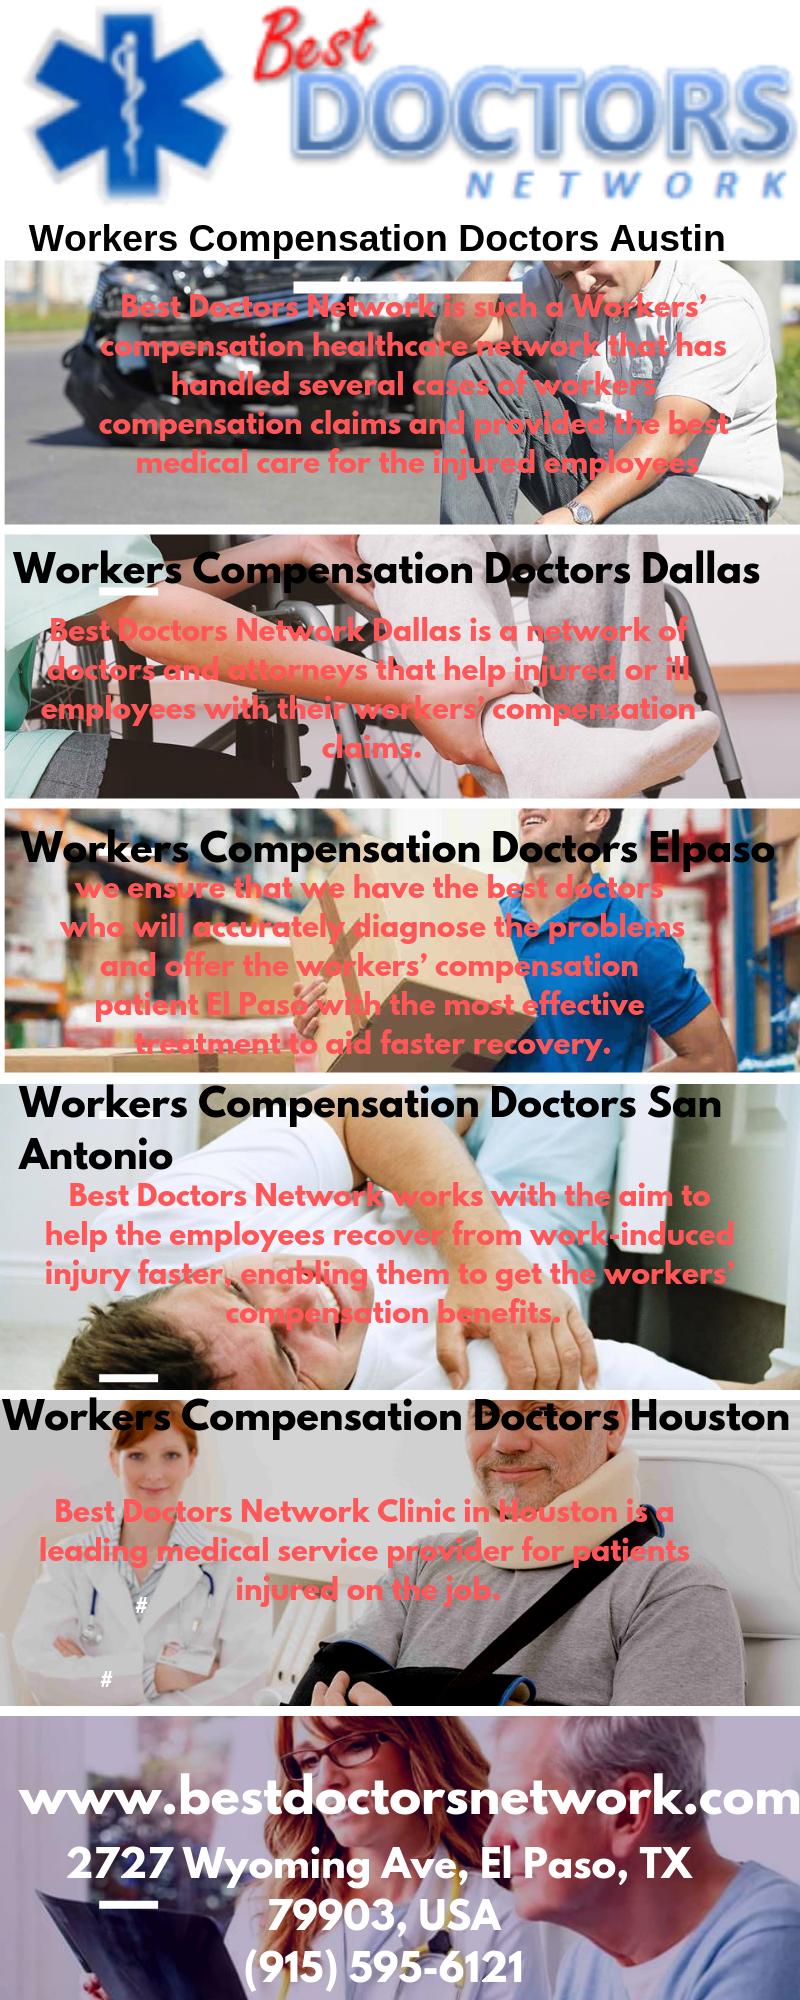 Workers Compensation Doctors San Antonio Best Doctors Network Best Doctors Work Related Injuries Worker